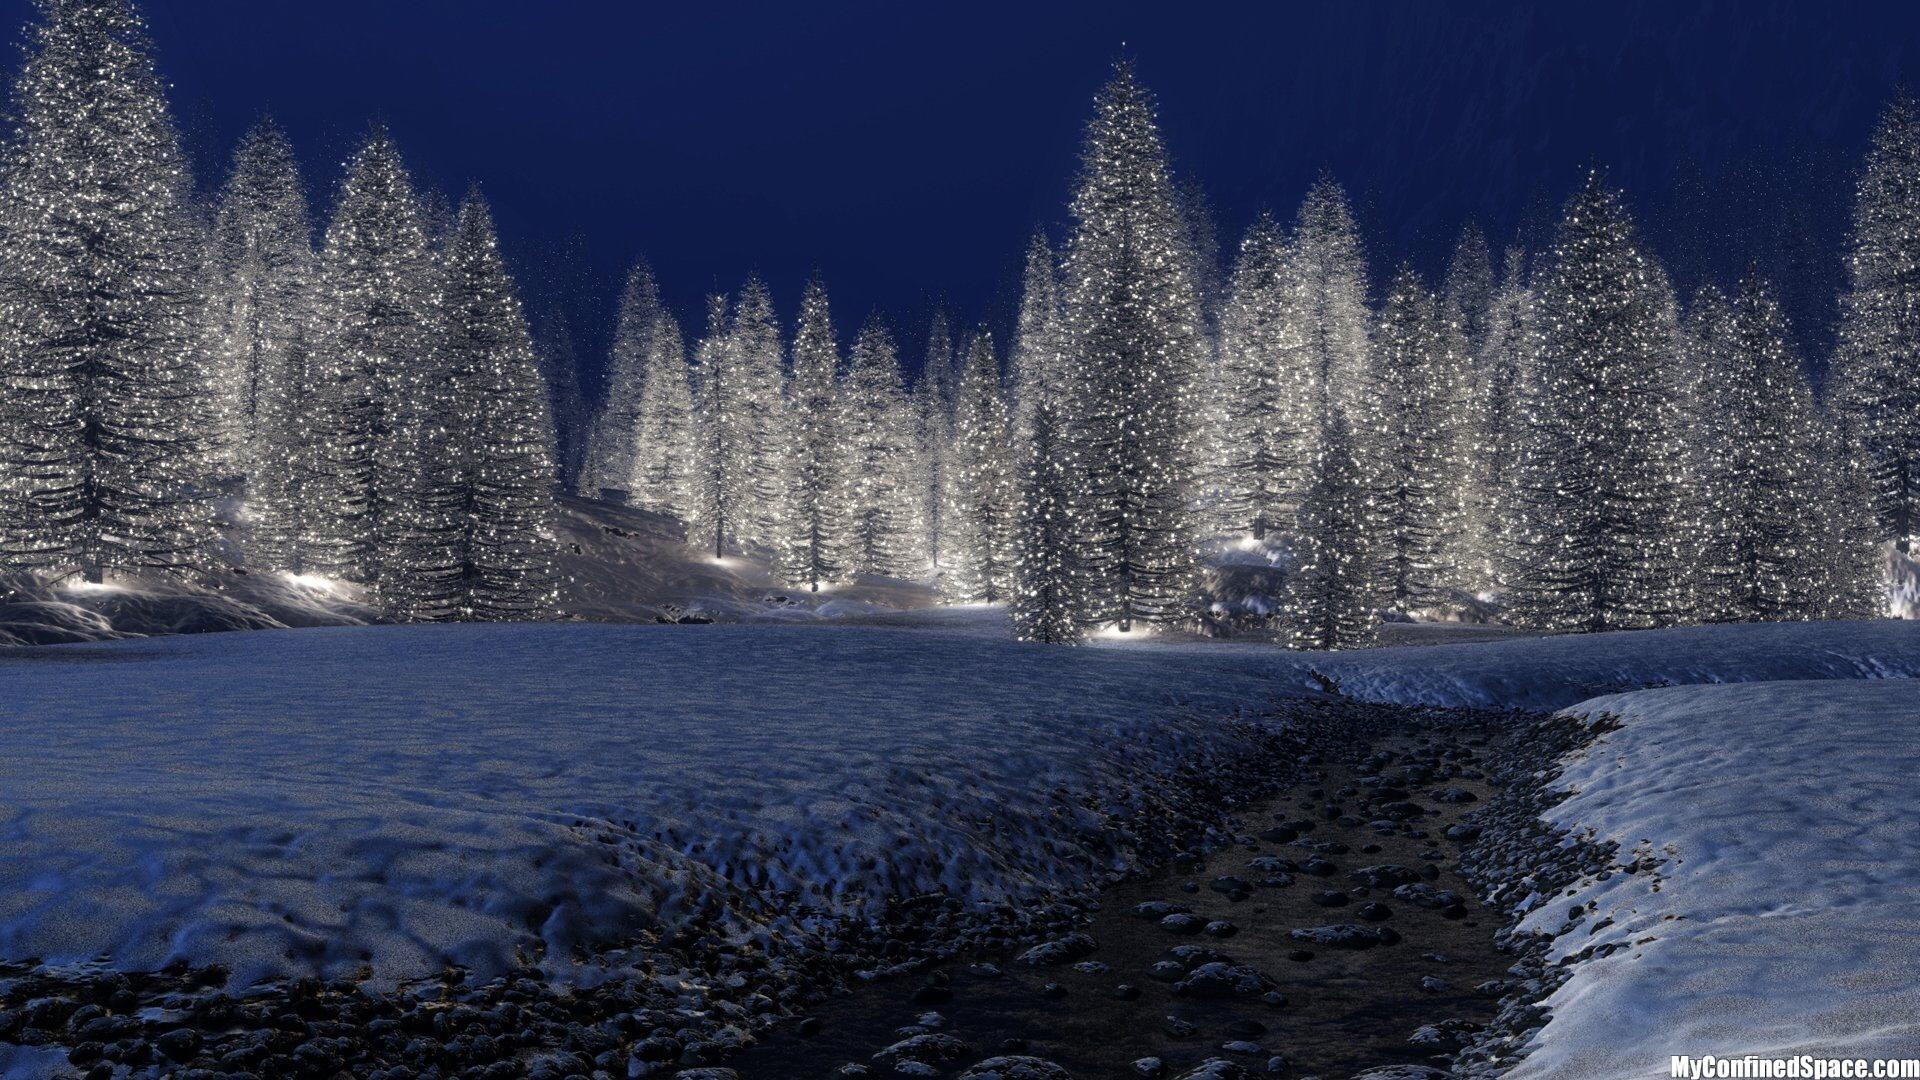 Res: 1920x1080, Snowy-Christmas-Scene-Wallpaper-.jpg (469 KB)